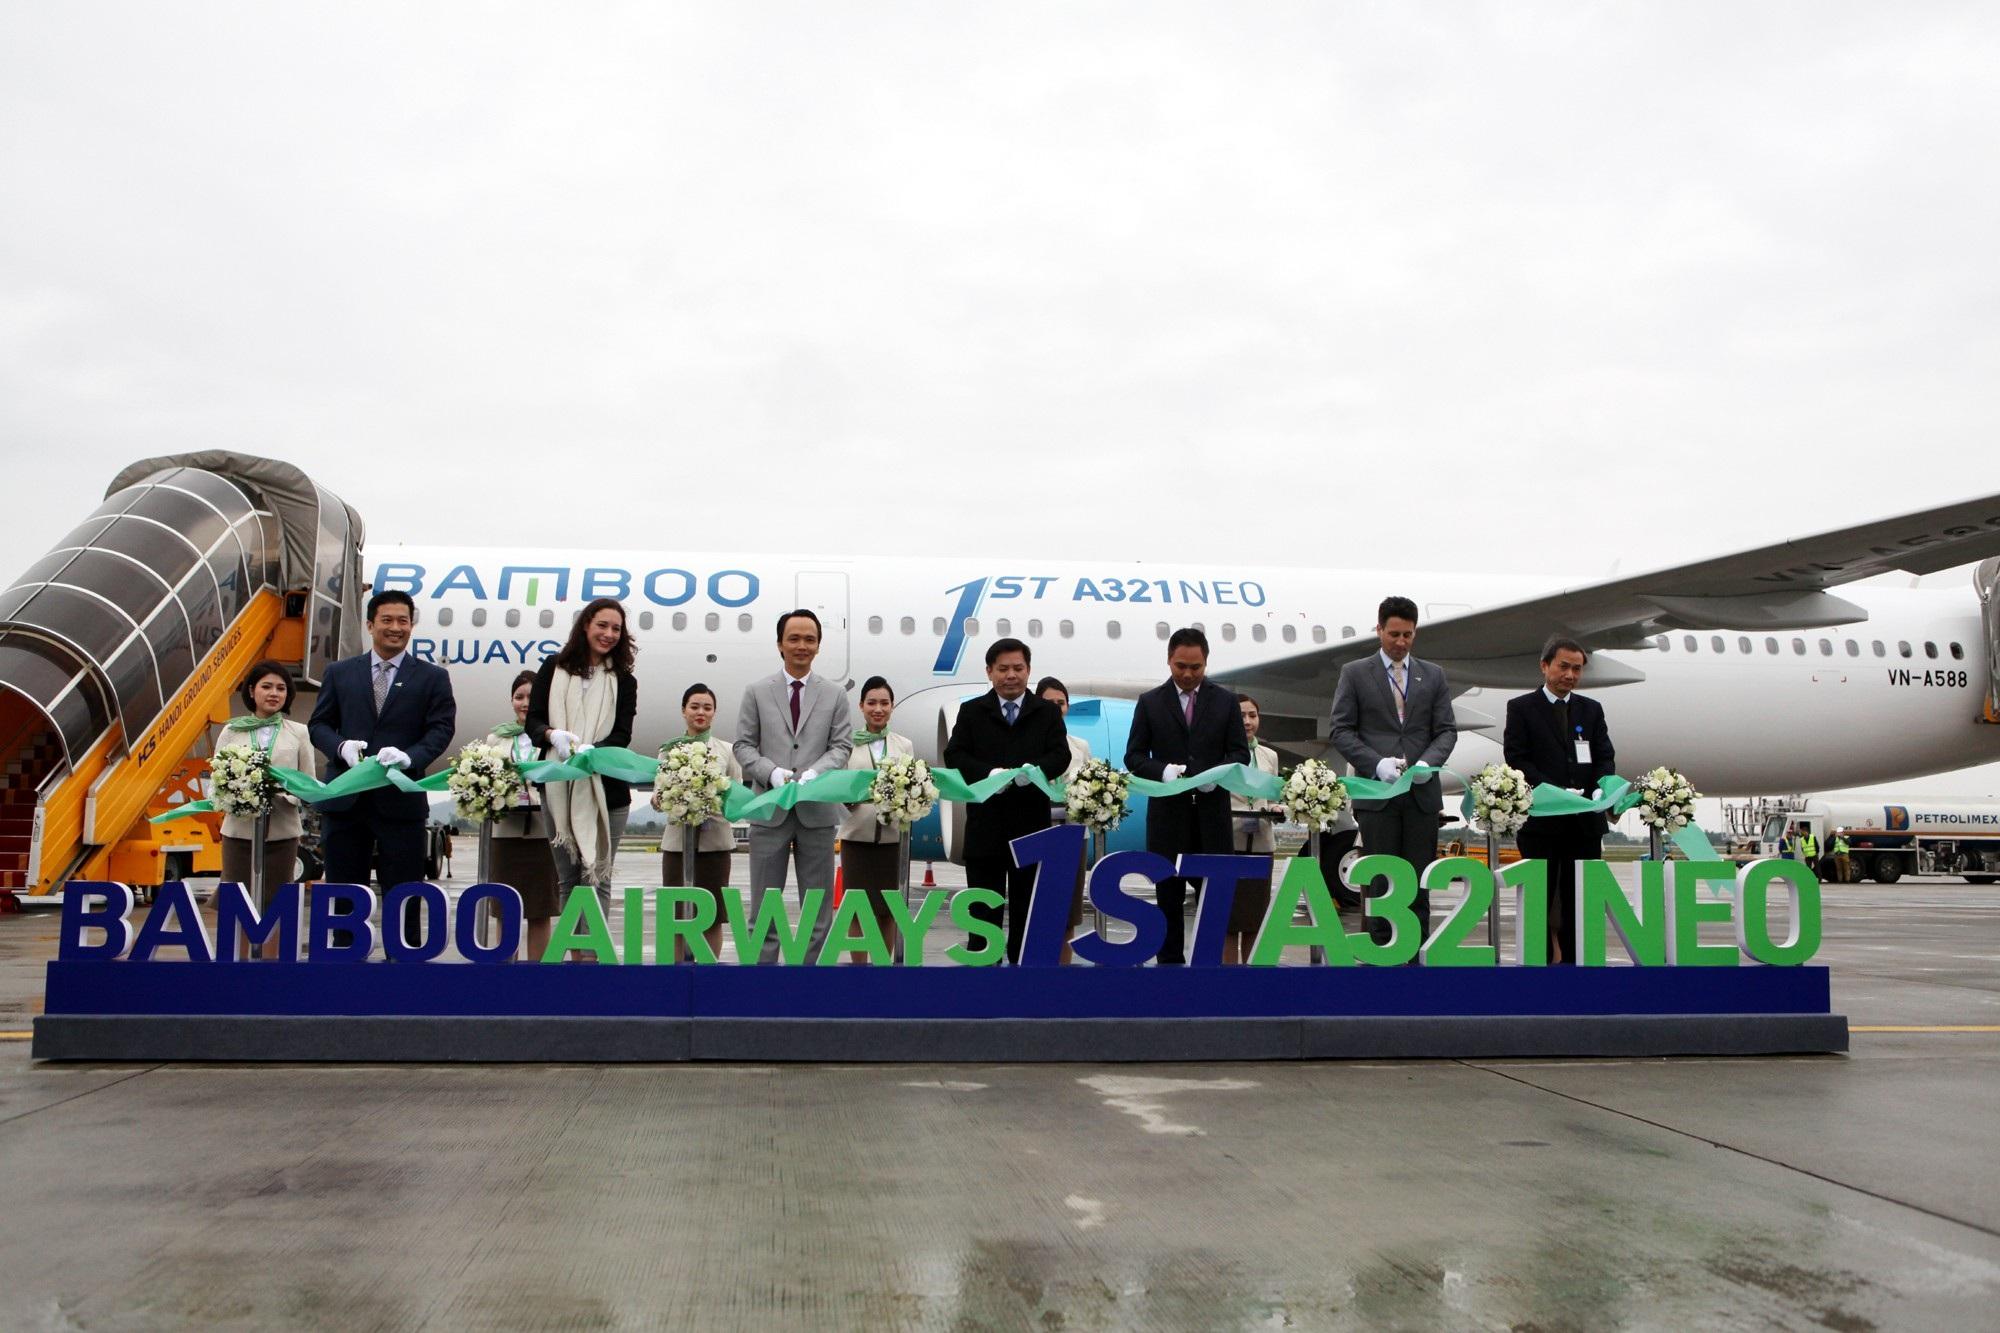 Hãng hàng không thứ 5 của Việt Nam chính thức cất cánh - Ảnh 2.